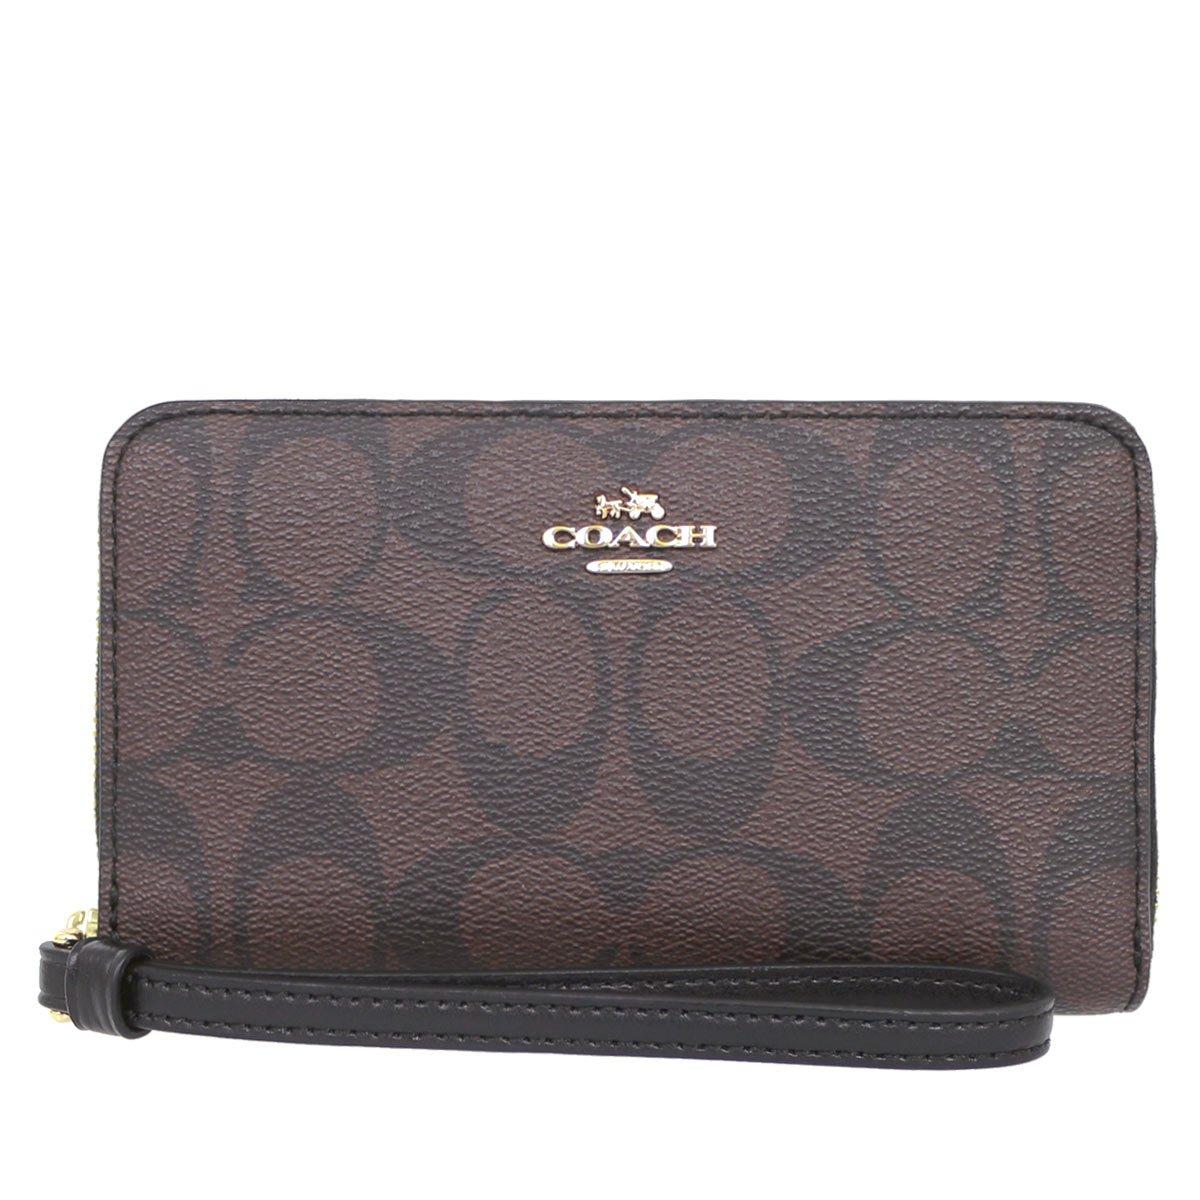 [コーチ] COACH 財布 (二つ折り財布) F57468 ブラウン×ブラック IMAA8 二つ折り財布 レディース [アウトレット品] [並行輸入品] B073VNHYLS